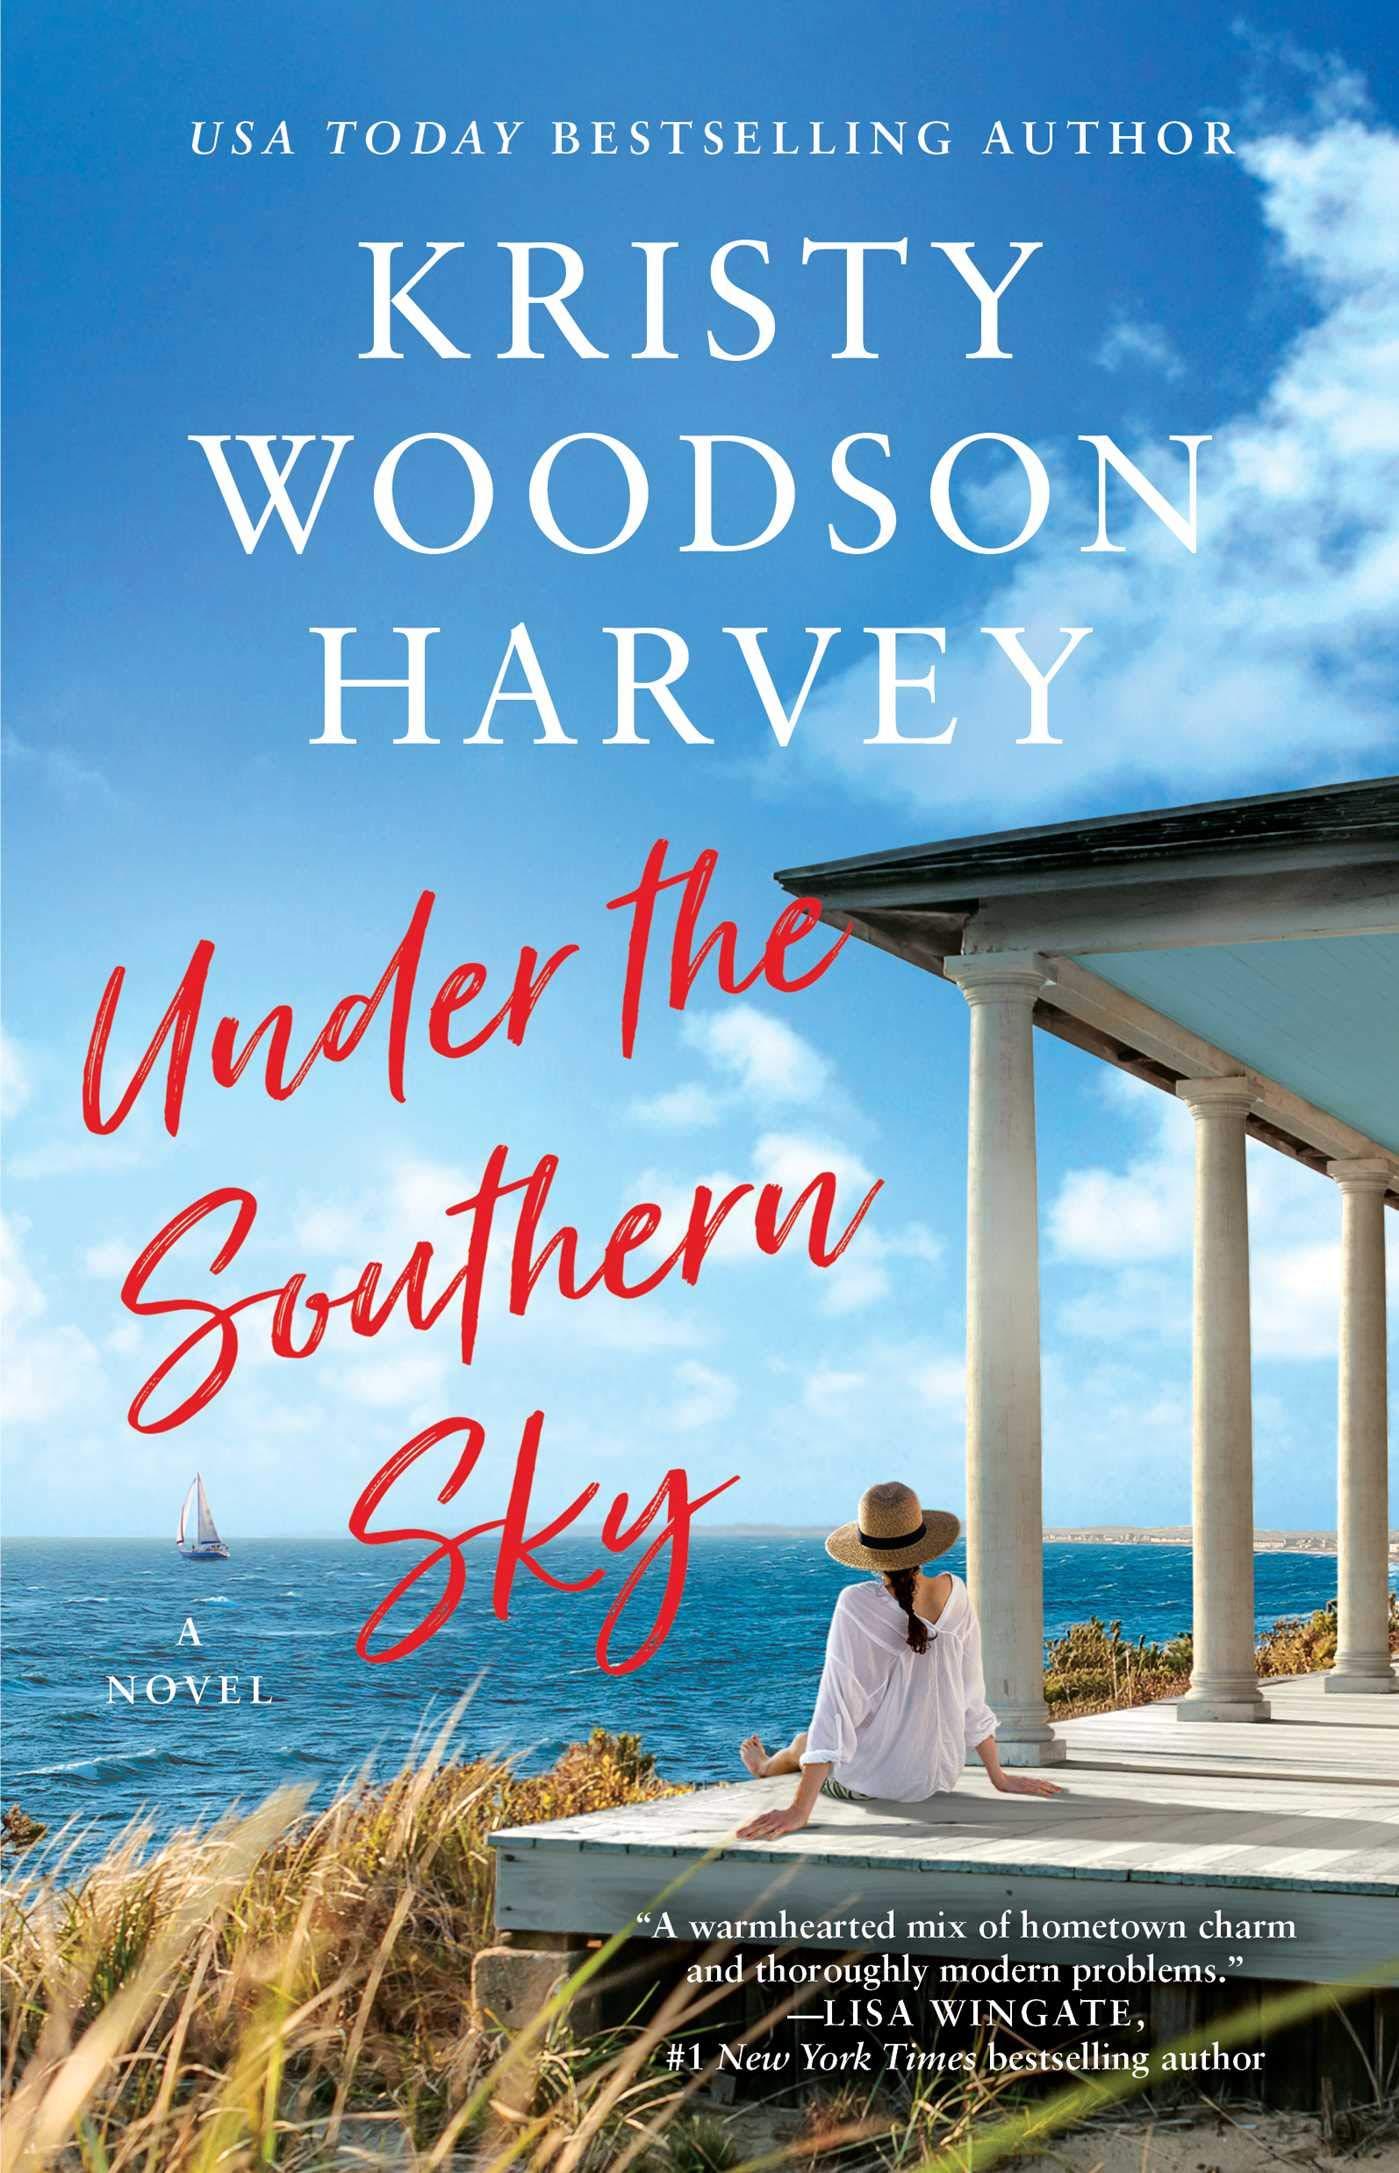 Under the Southern Sky: Woodson Harvey, Kristy: 9781982117726: Amazon.com:  Books